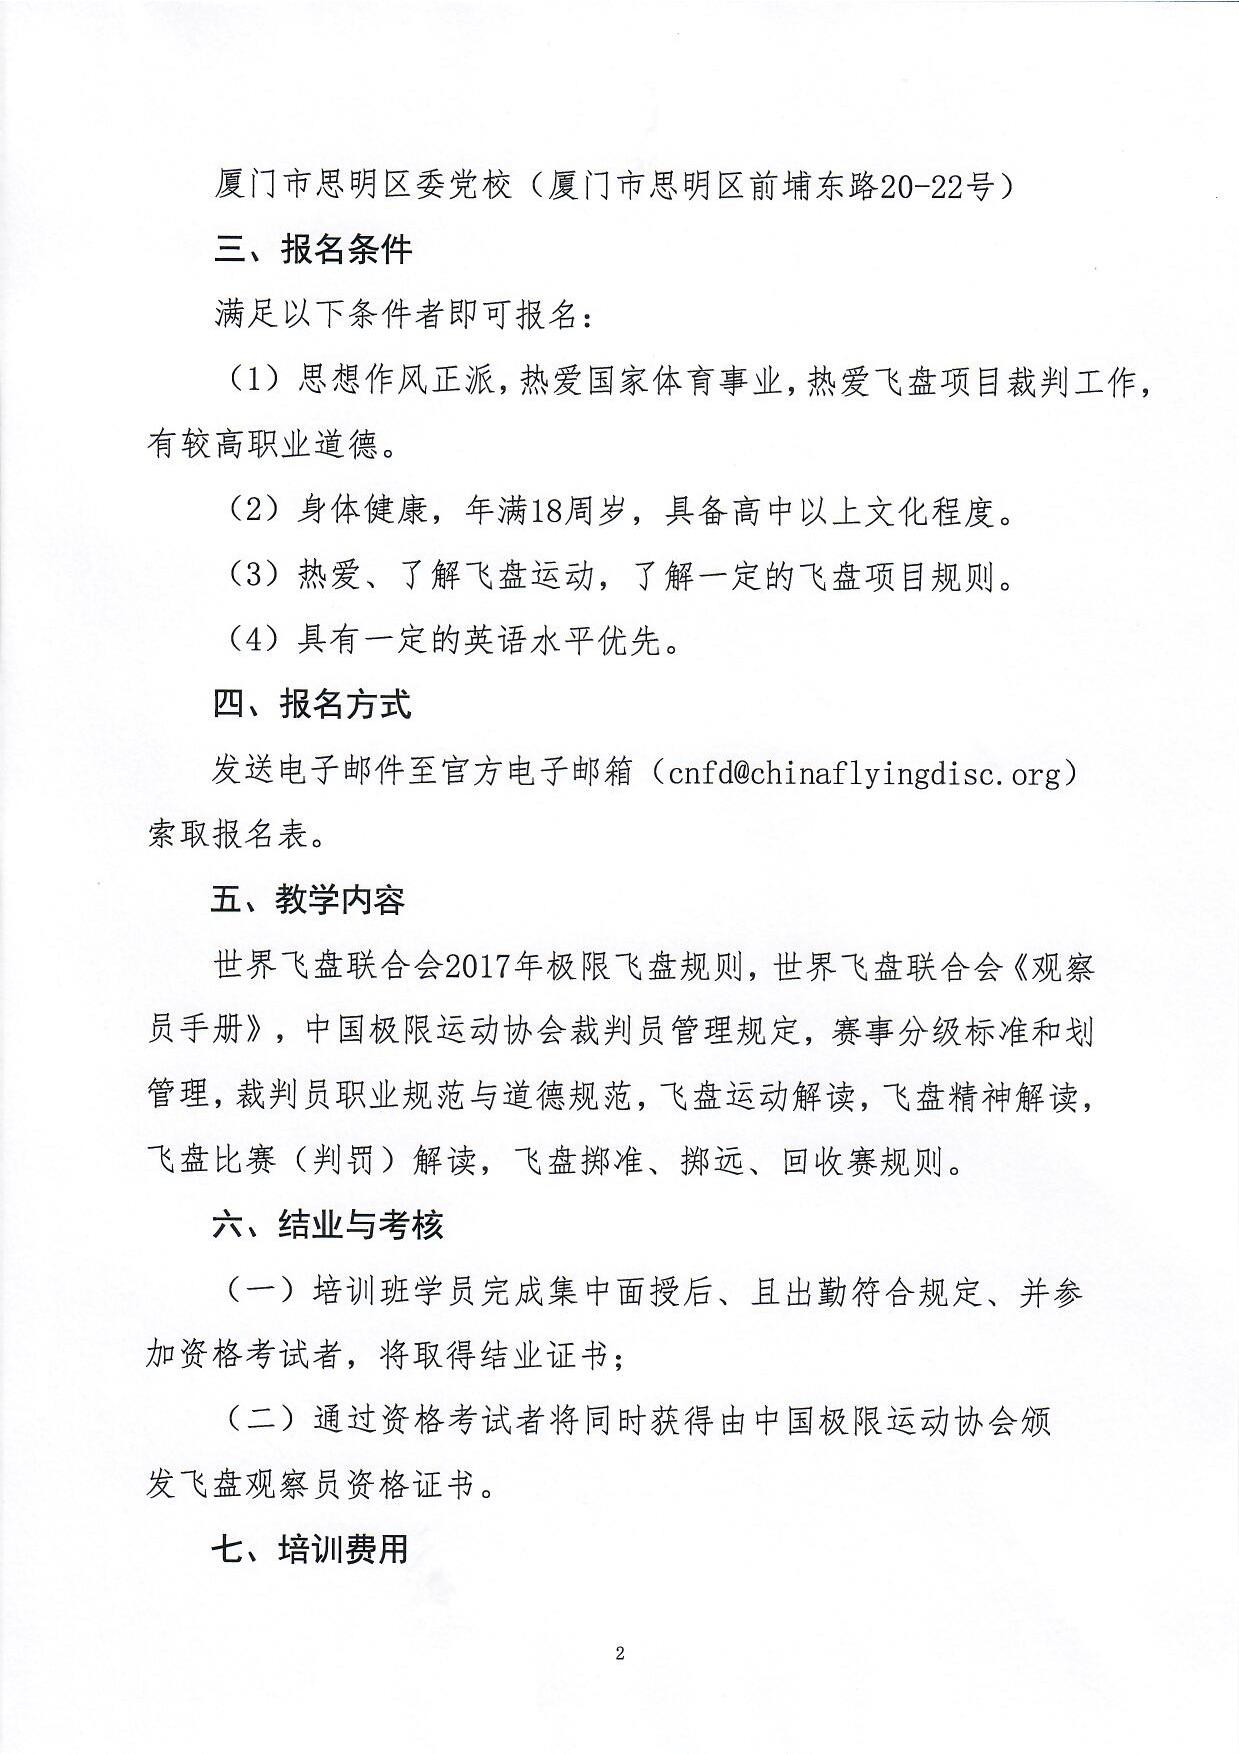 关于中国极限运动协会举办首期全国飞盘观察员及赛事执行官培训班的通知2